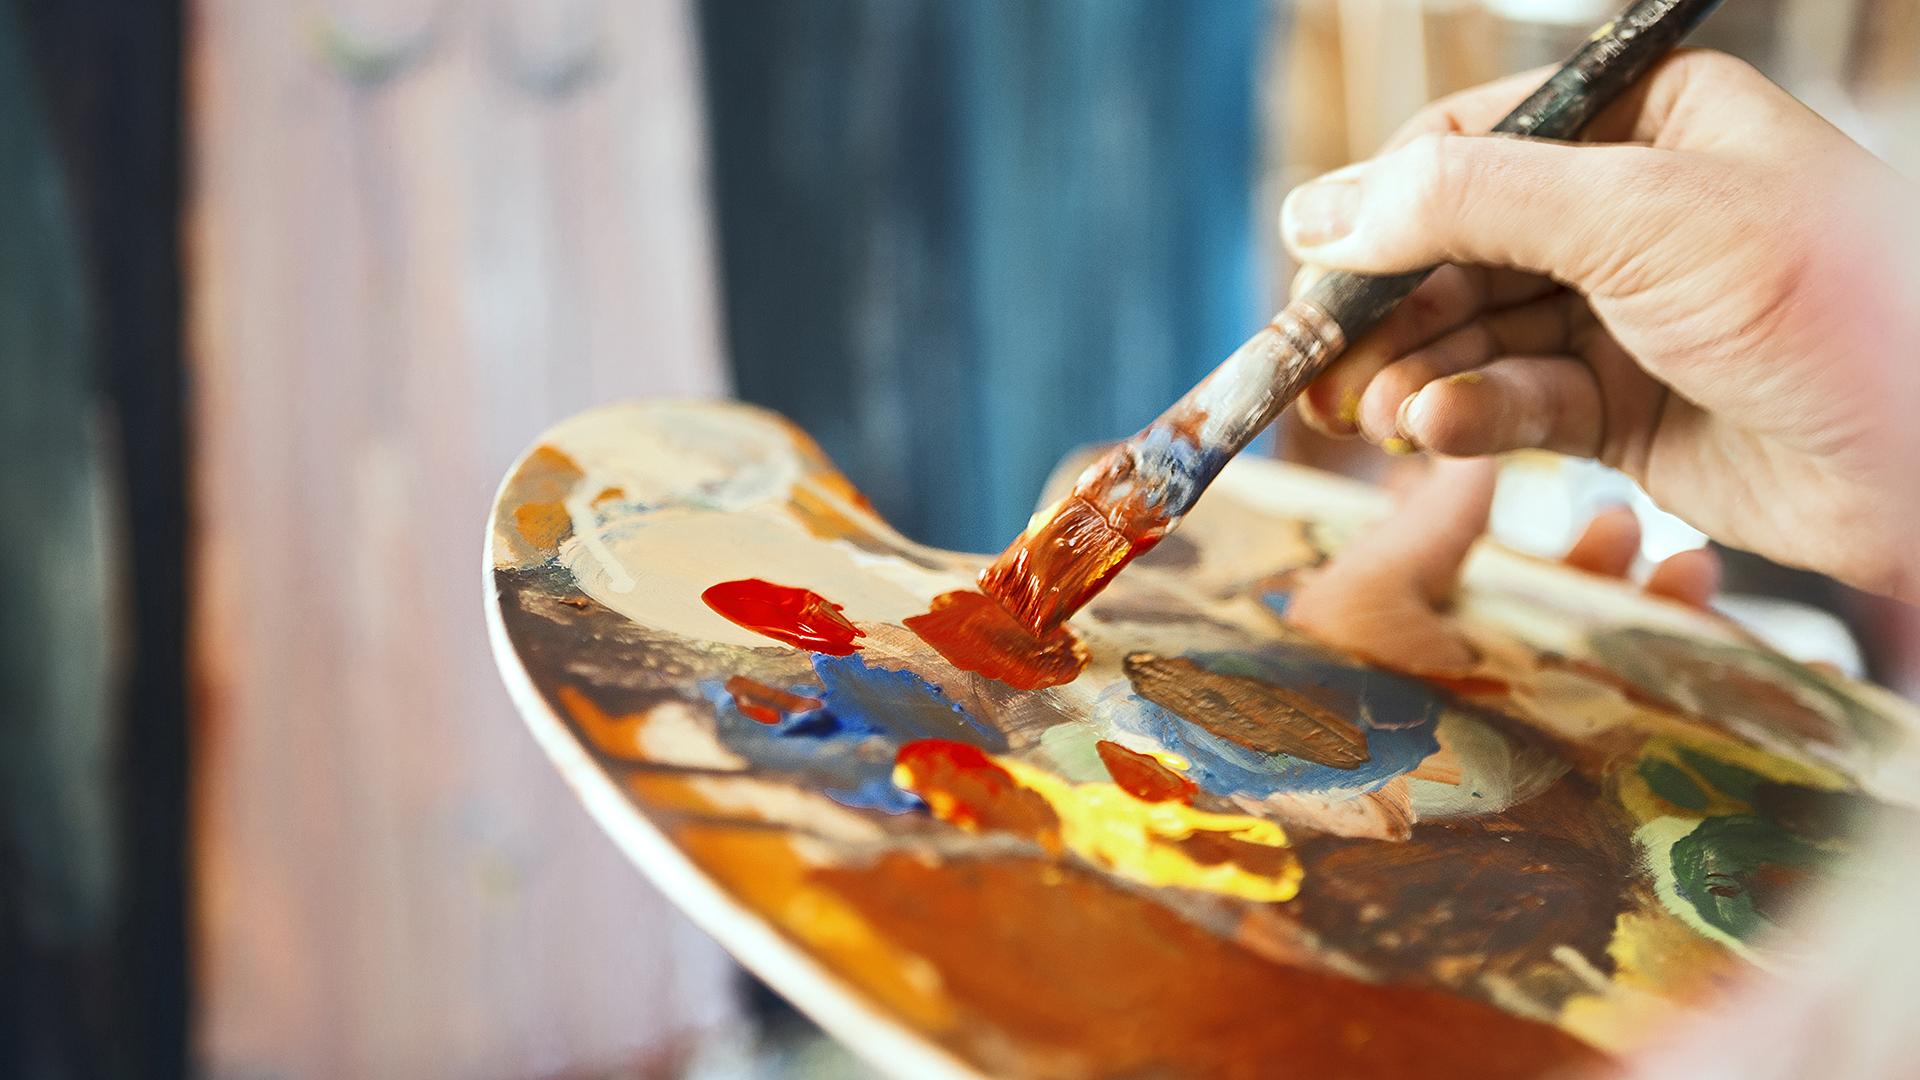 Évtizedekig lógott a falon az eredeti Caravaggio-kép a lakásban